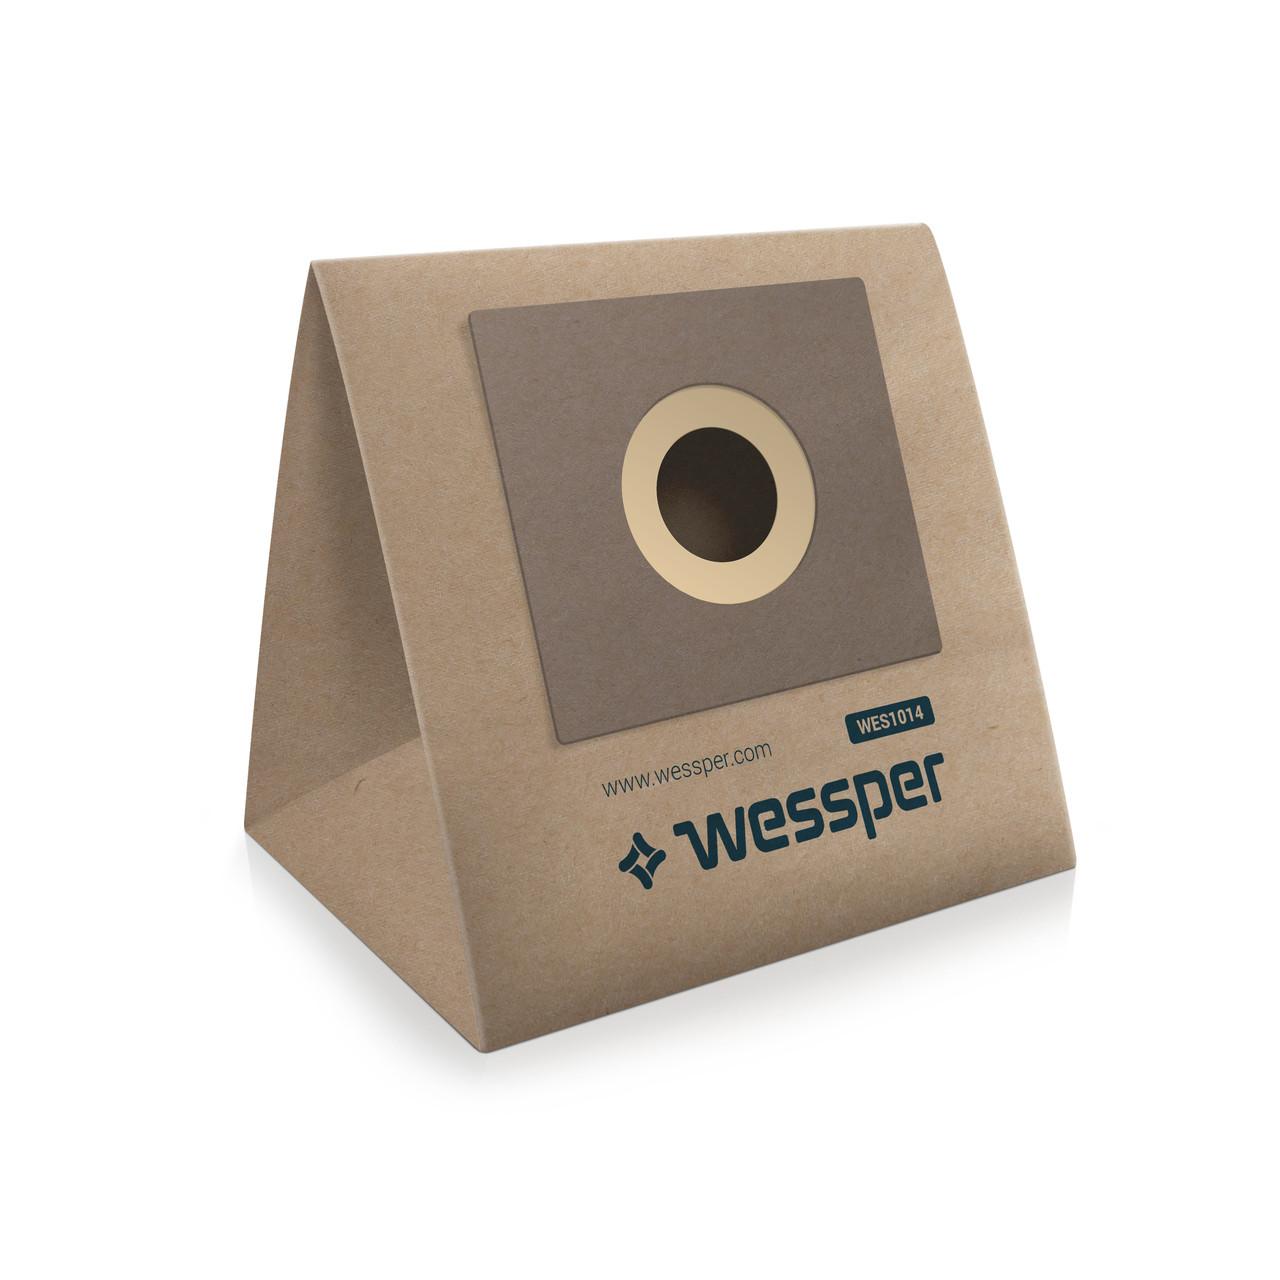 Wessper Sacs daspirateur pour Tornado to 4120 5 pi/èces, Papier